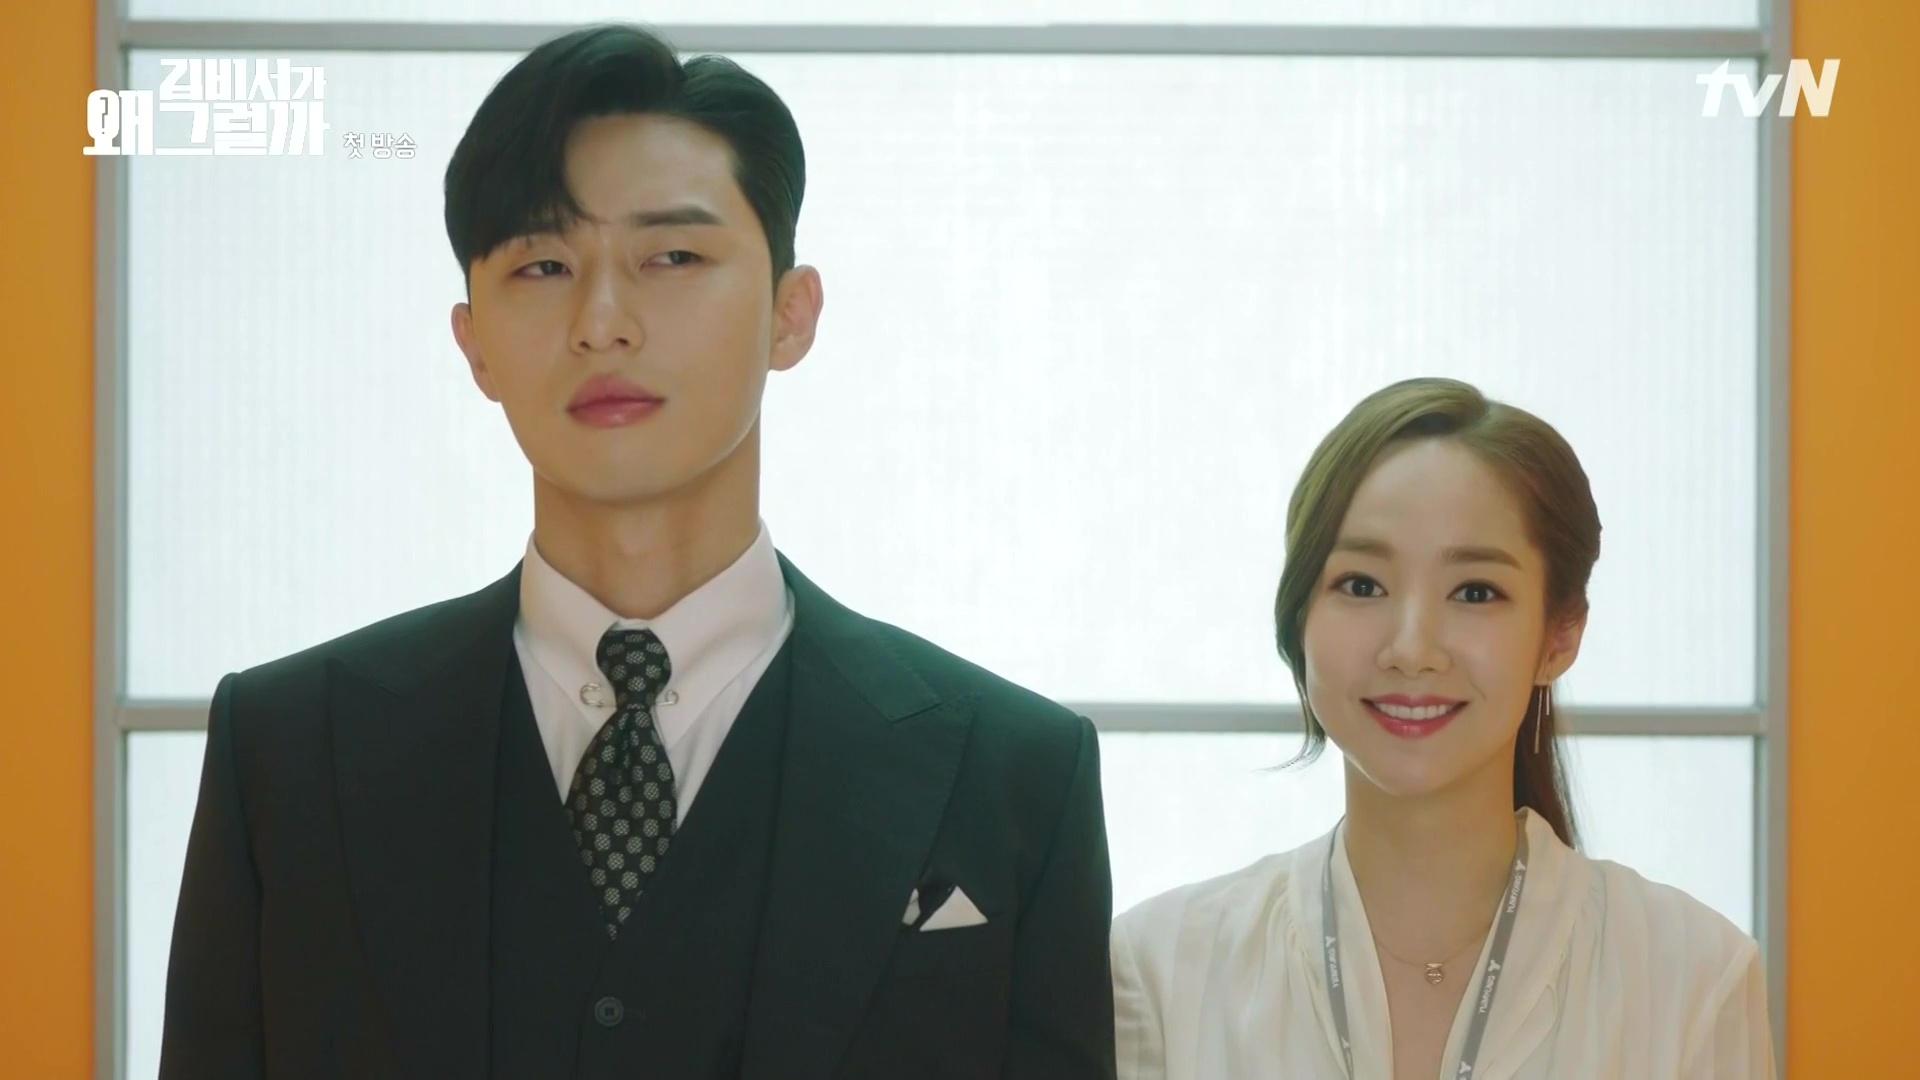 キム は なぜ ドラマ 韓国 秘書